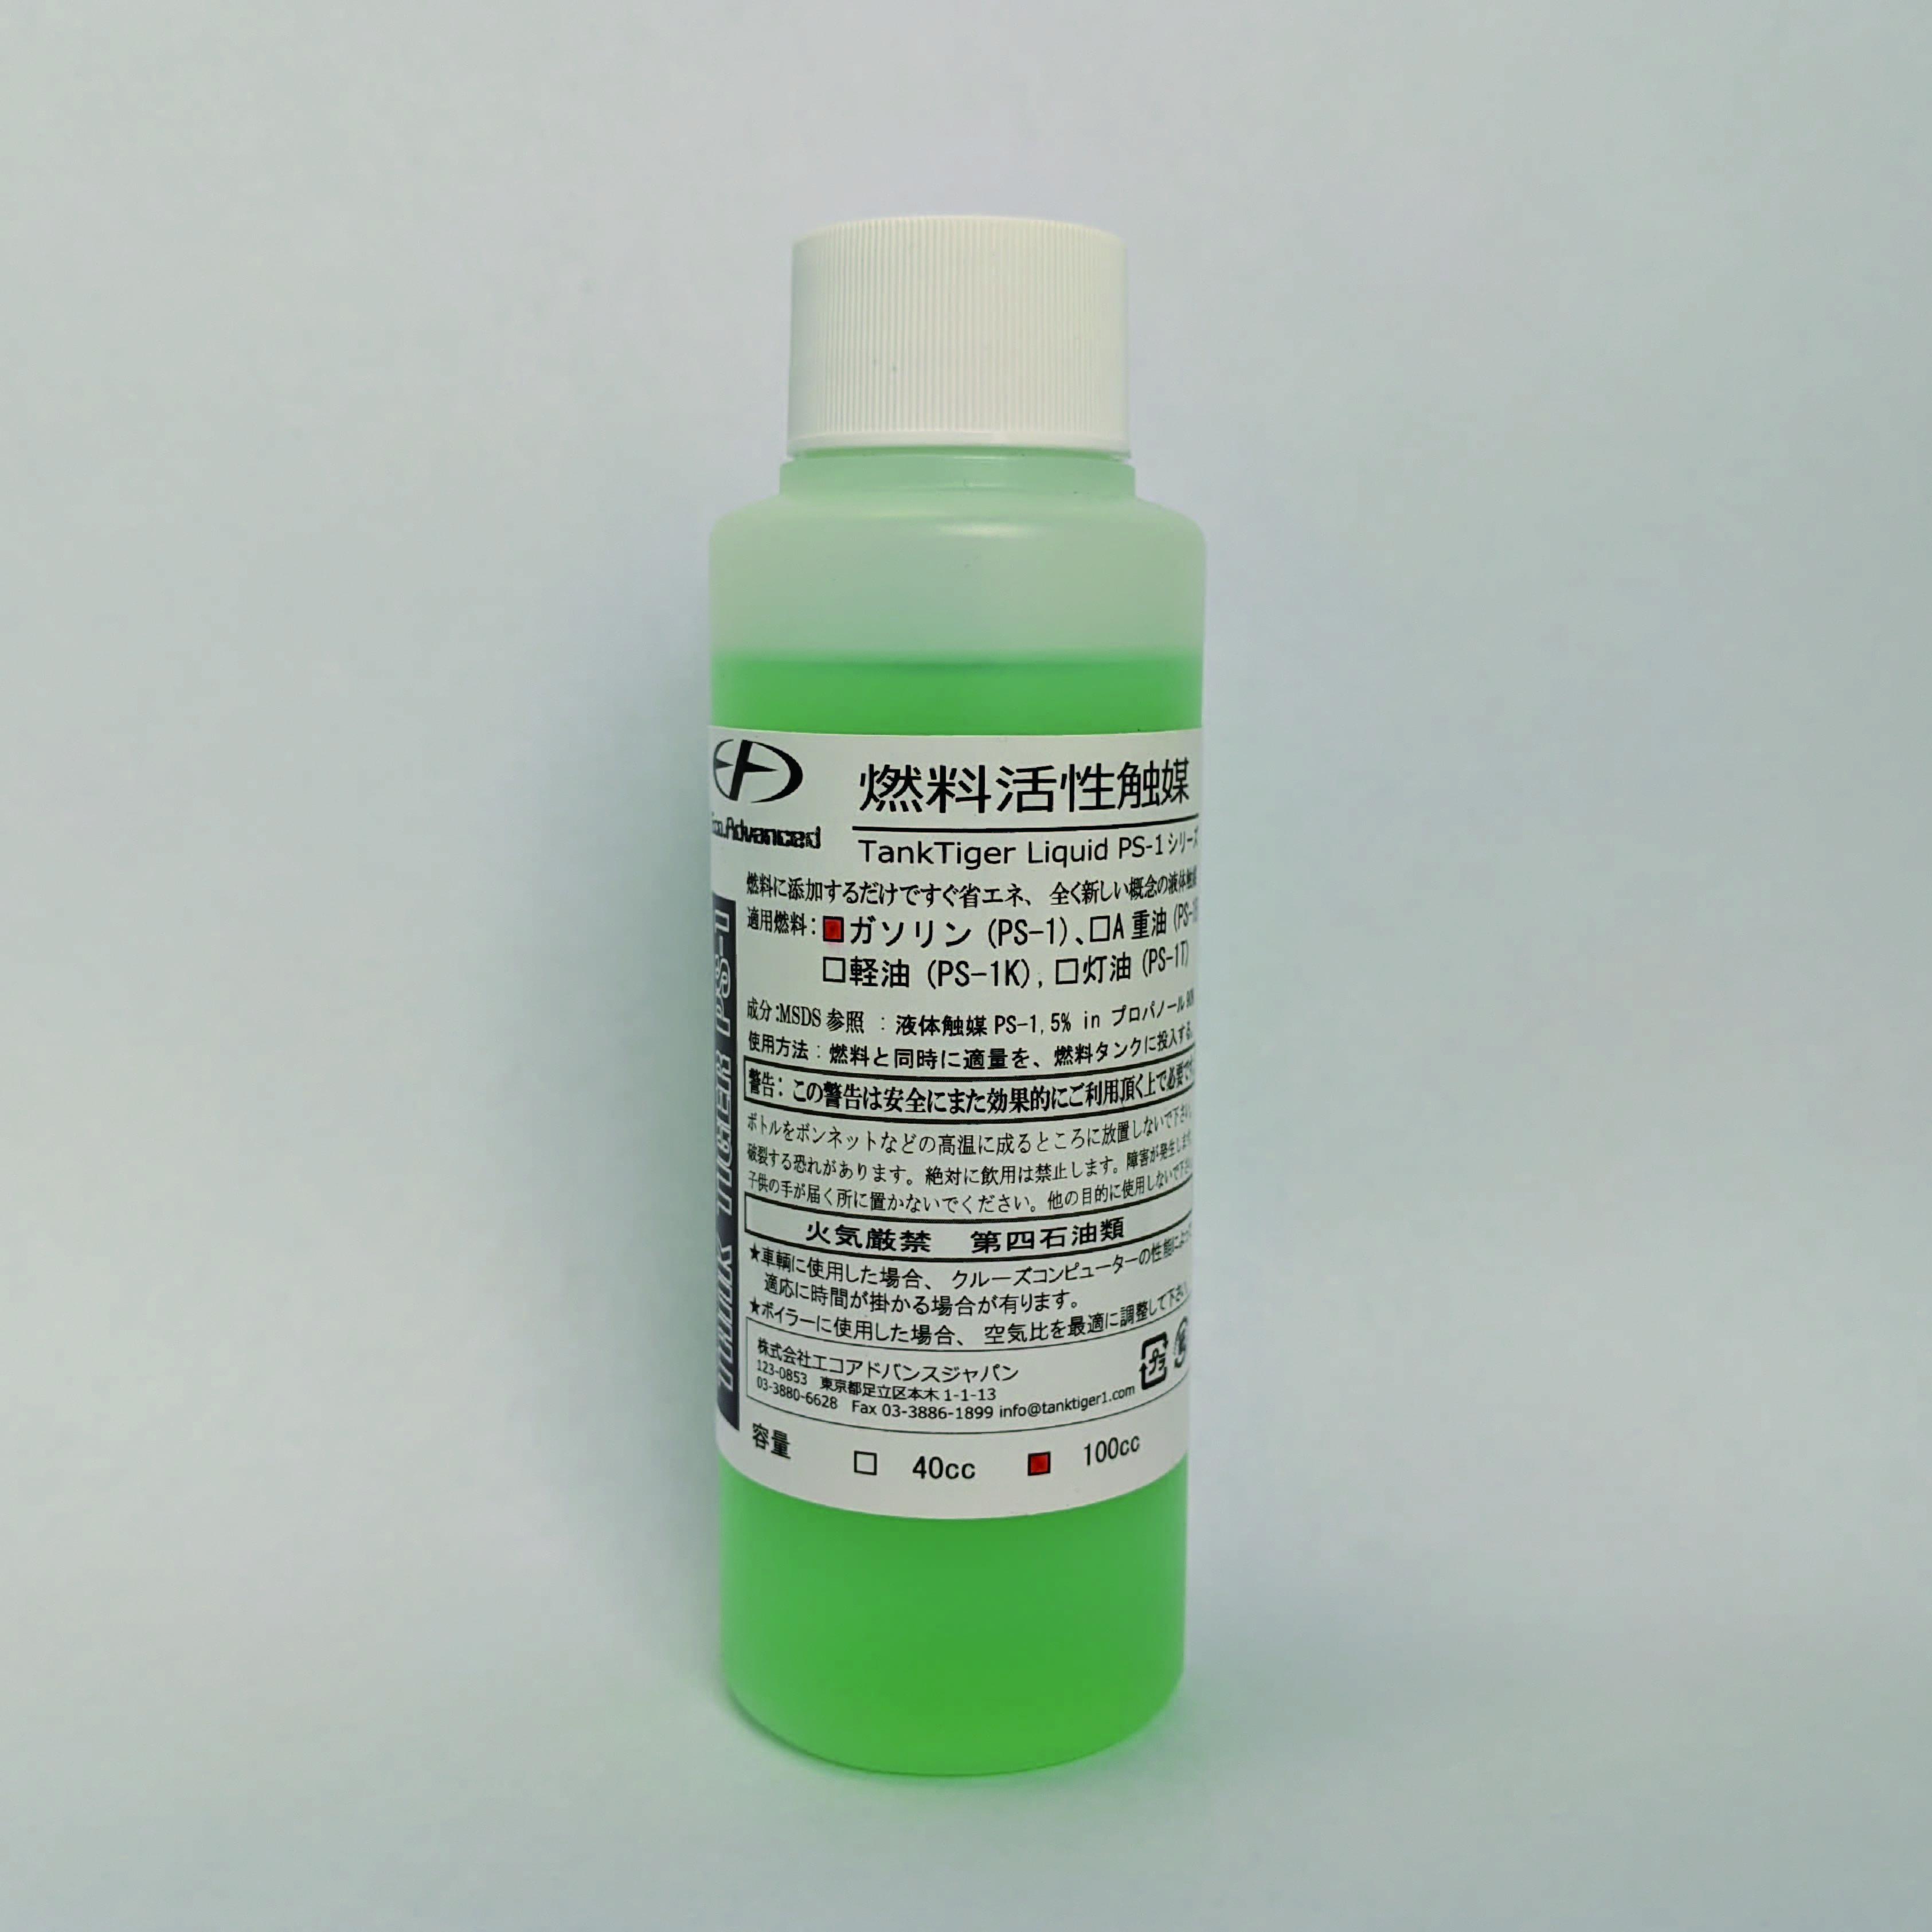 【ガソリン専用】タンクタイガー PS-1/内容量100cc(ガソリン1,000リットル分)